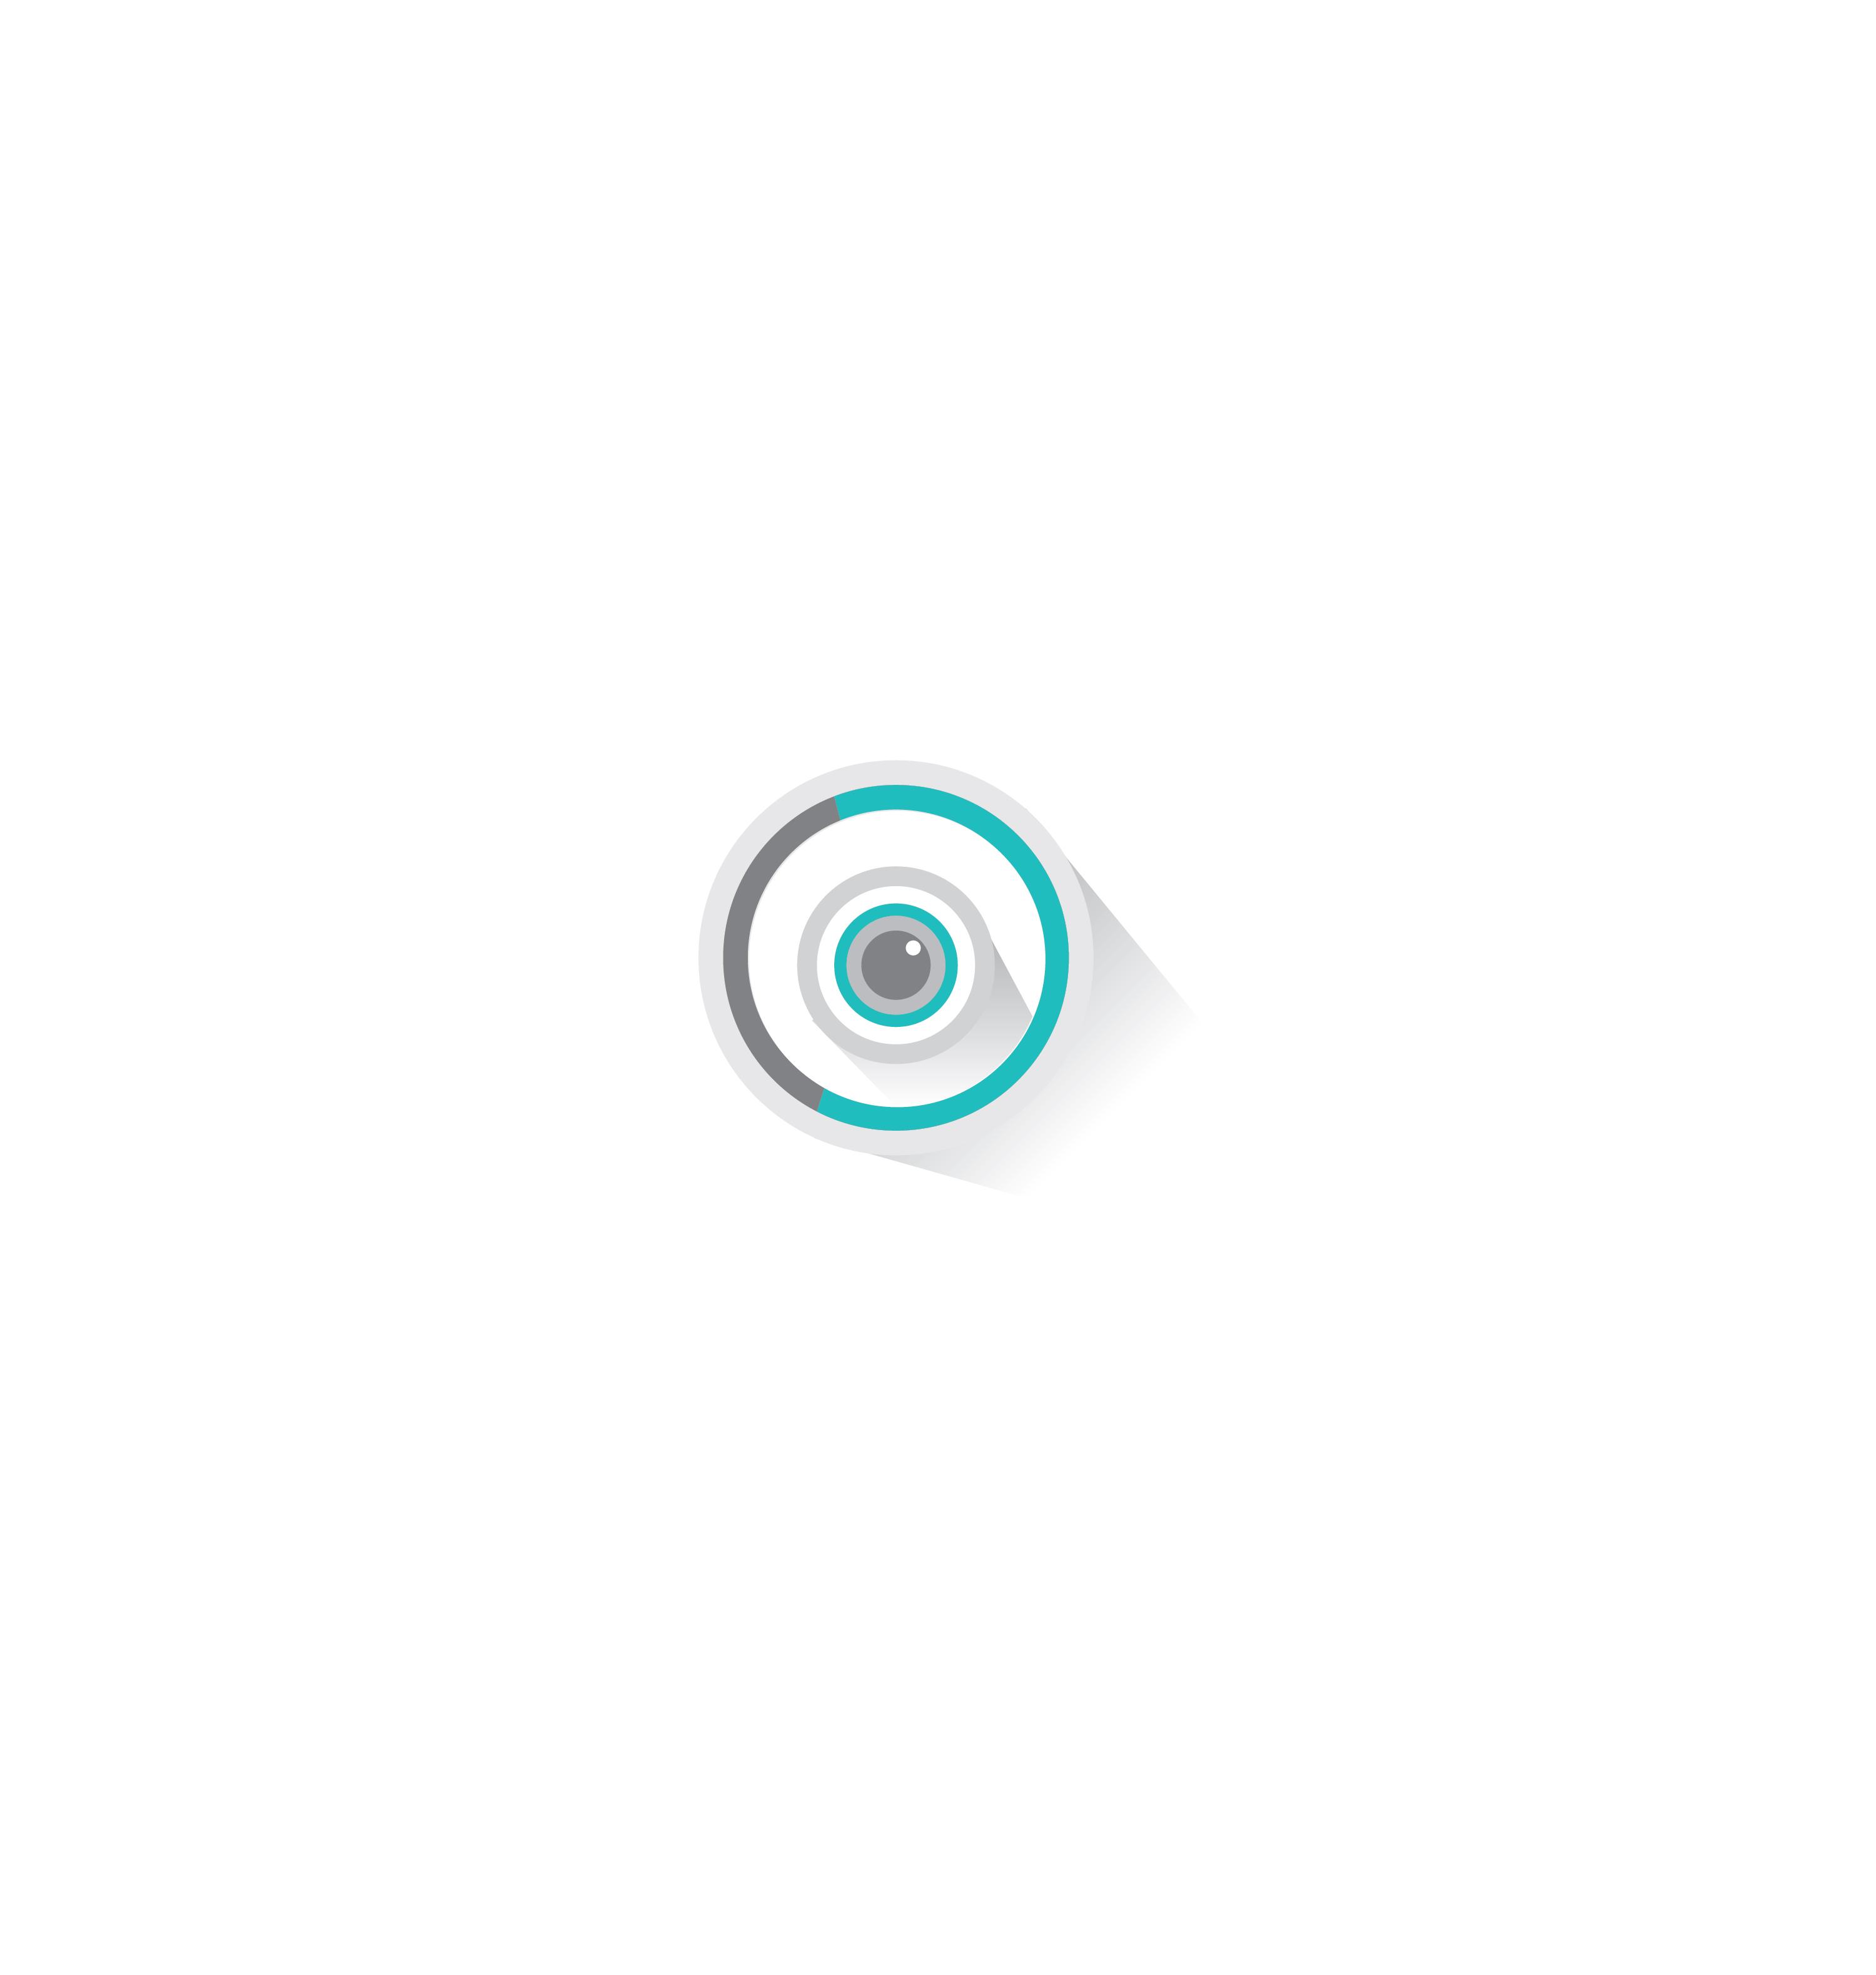 Camera icon vector 9